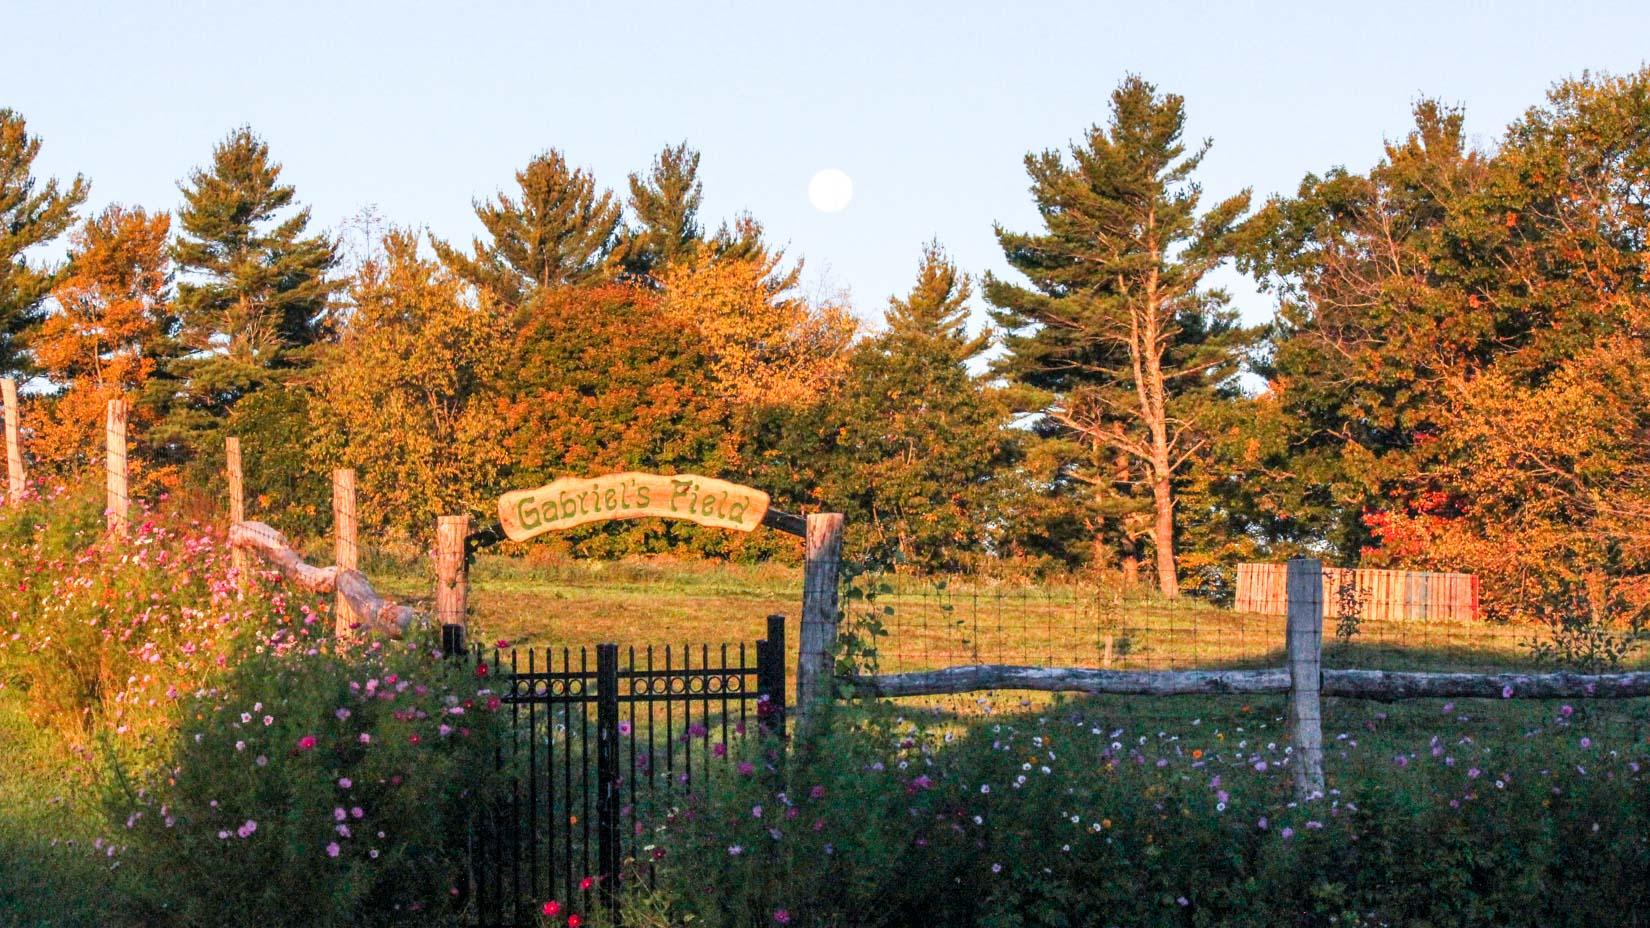 Gabriel's field at sunset, a garden at camp glen brook.